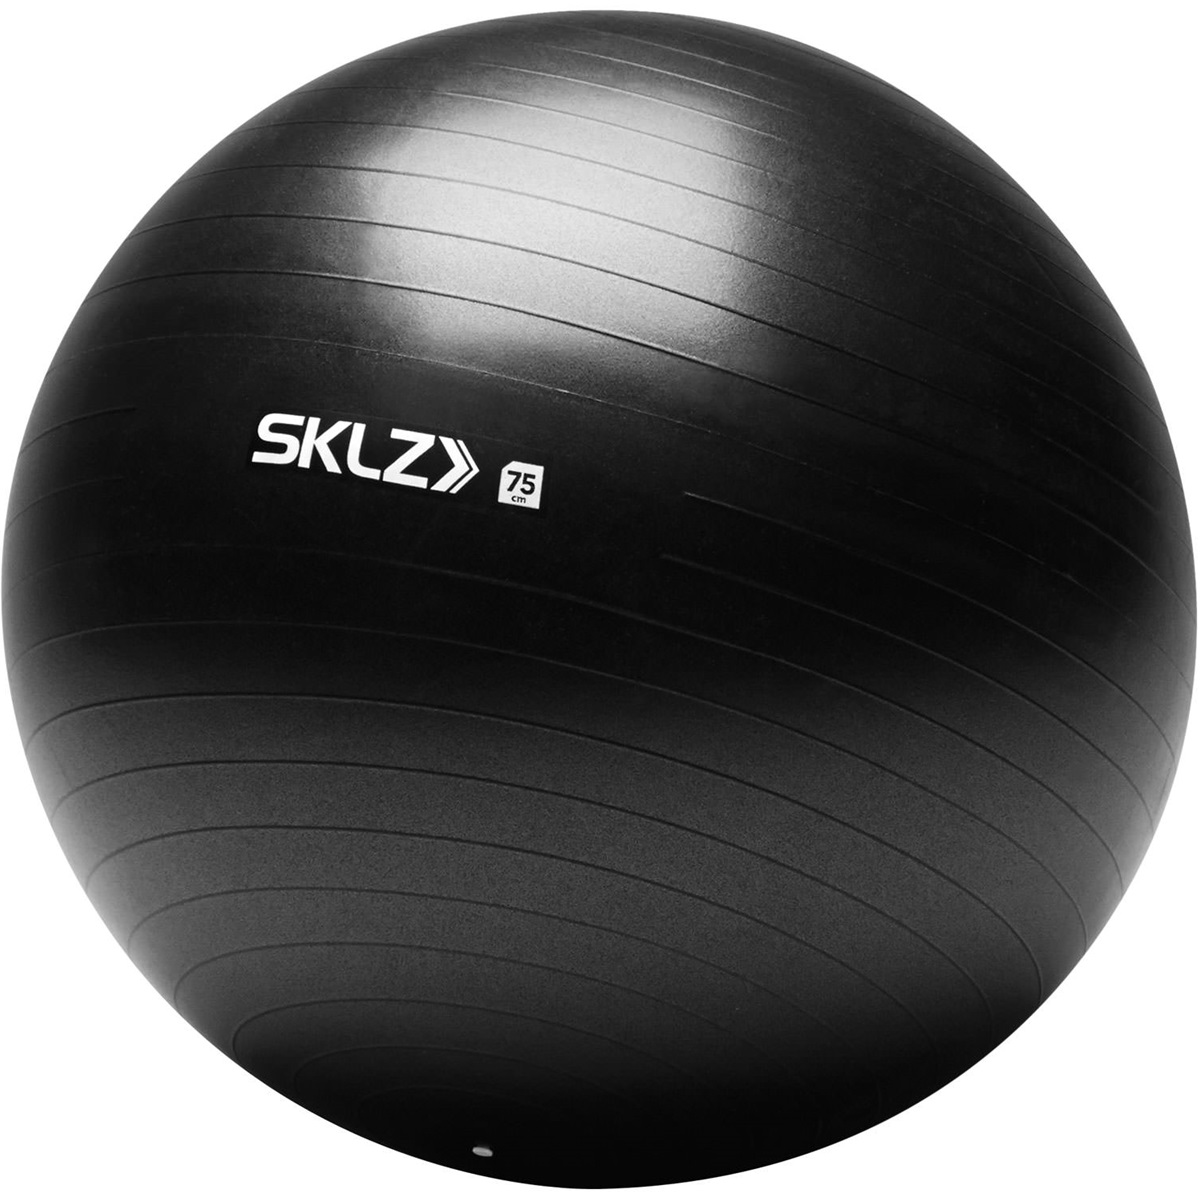 【取寄品】 スキルズ STABILITY BALL 75cm 026965 スキルズ パフォーマンス